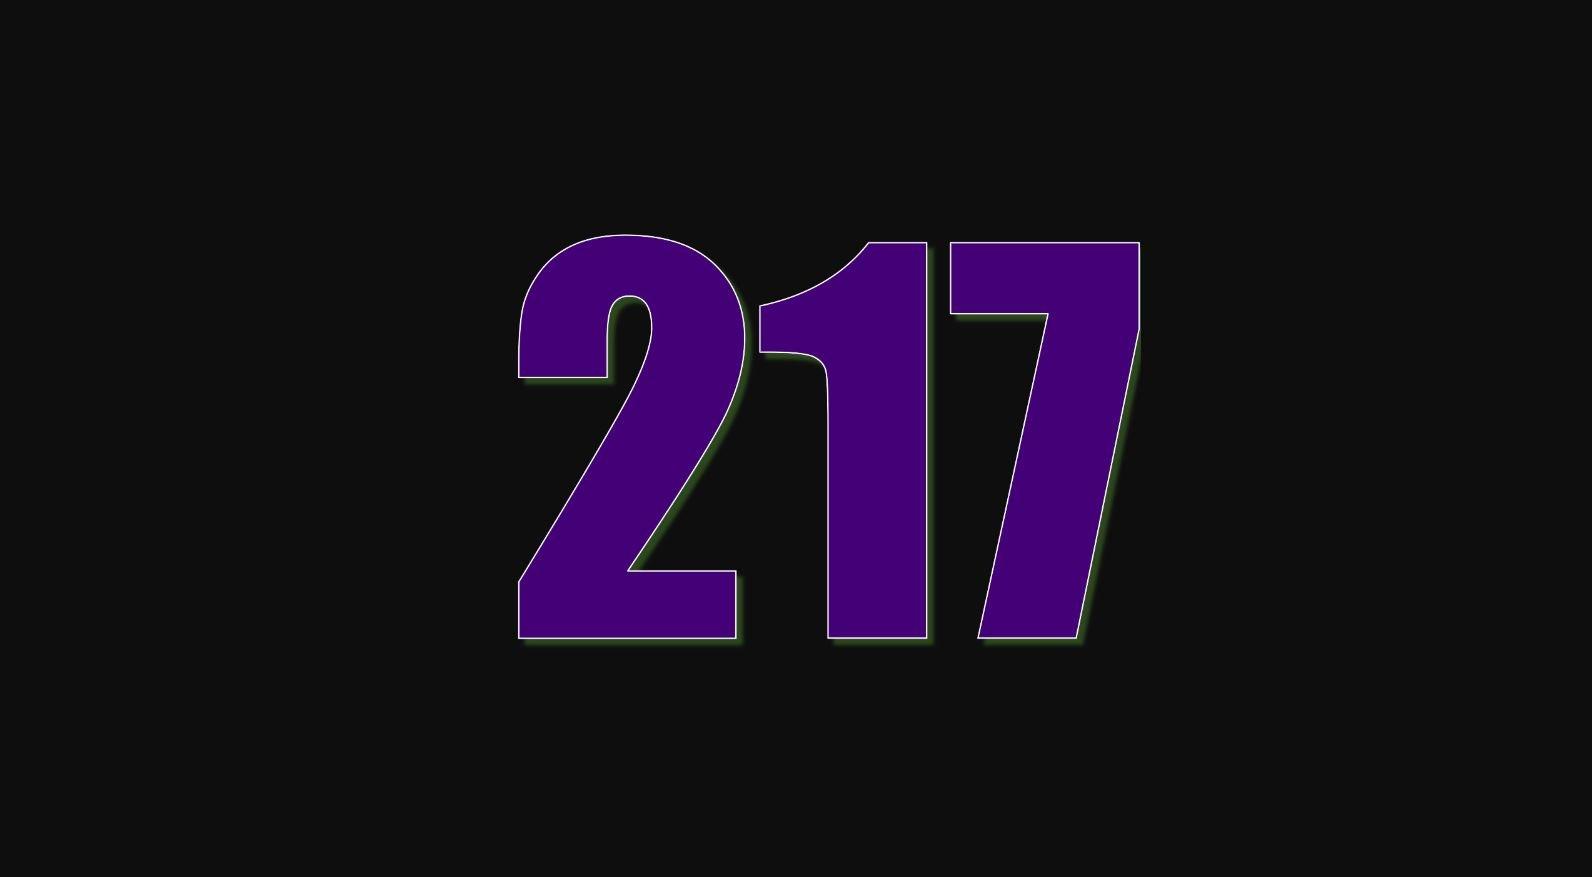 Significado del número 217